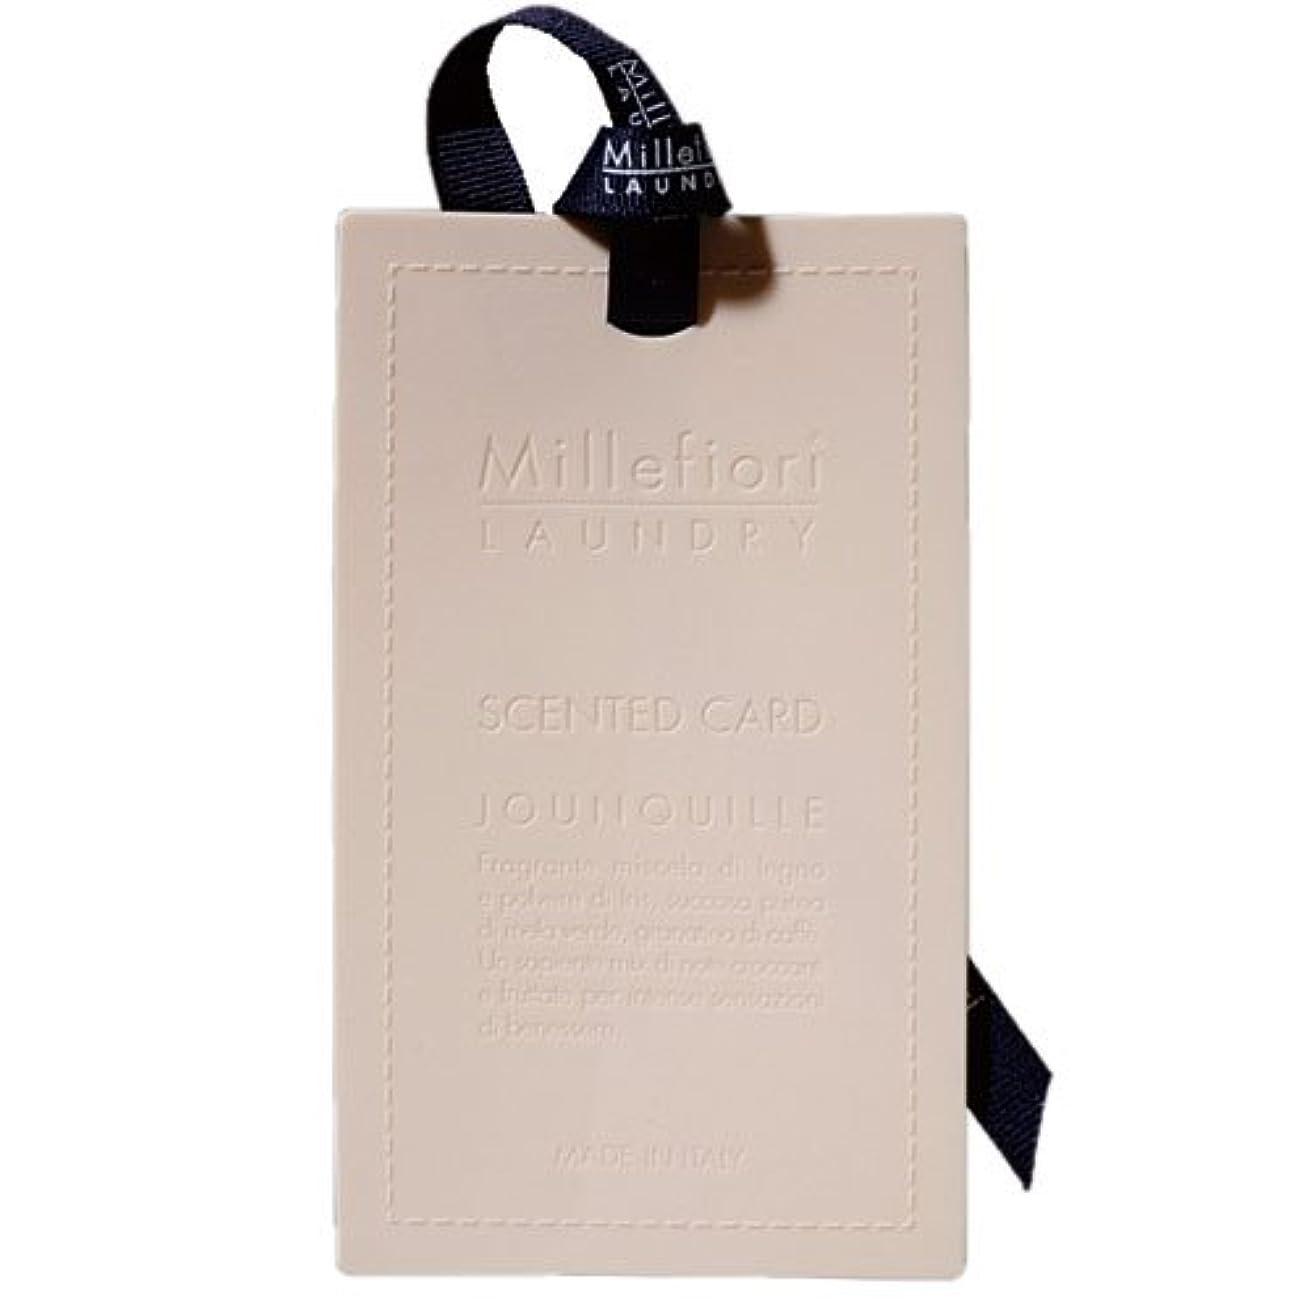 削る出身地雄大なMillefiori センテッドカード ナルシス CARD-A-001